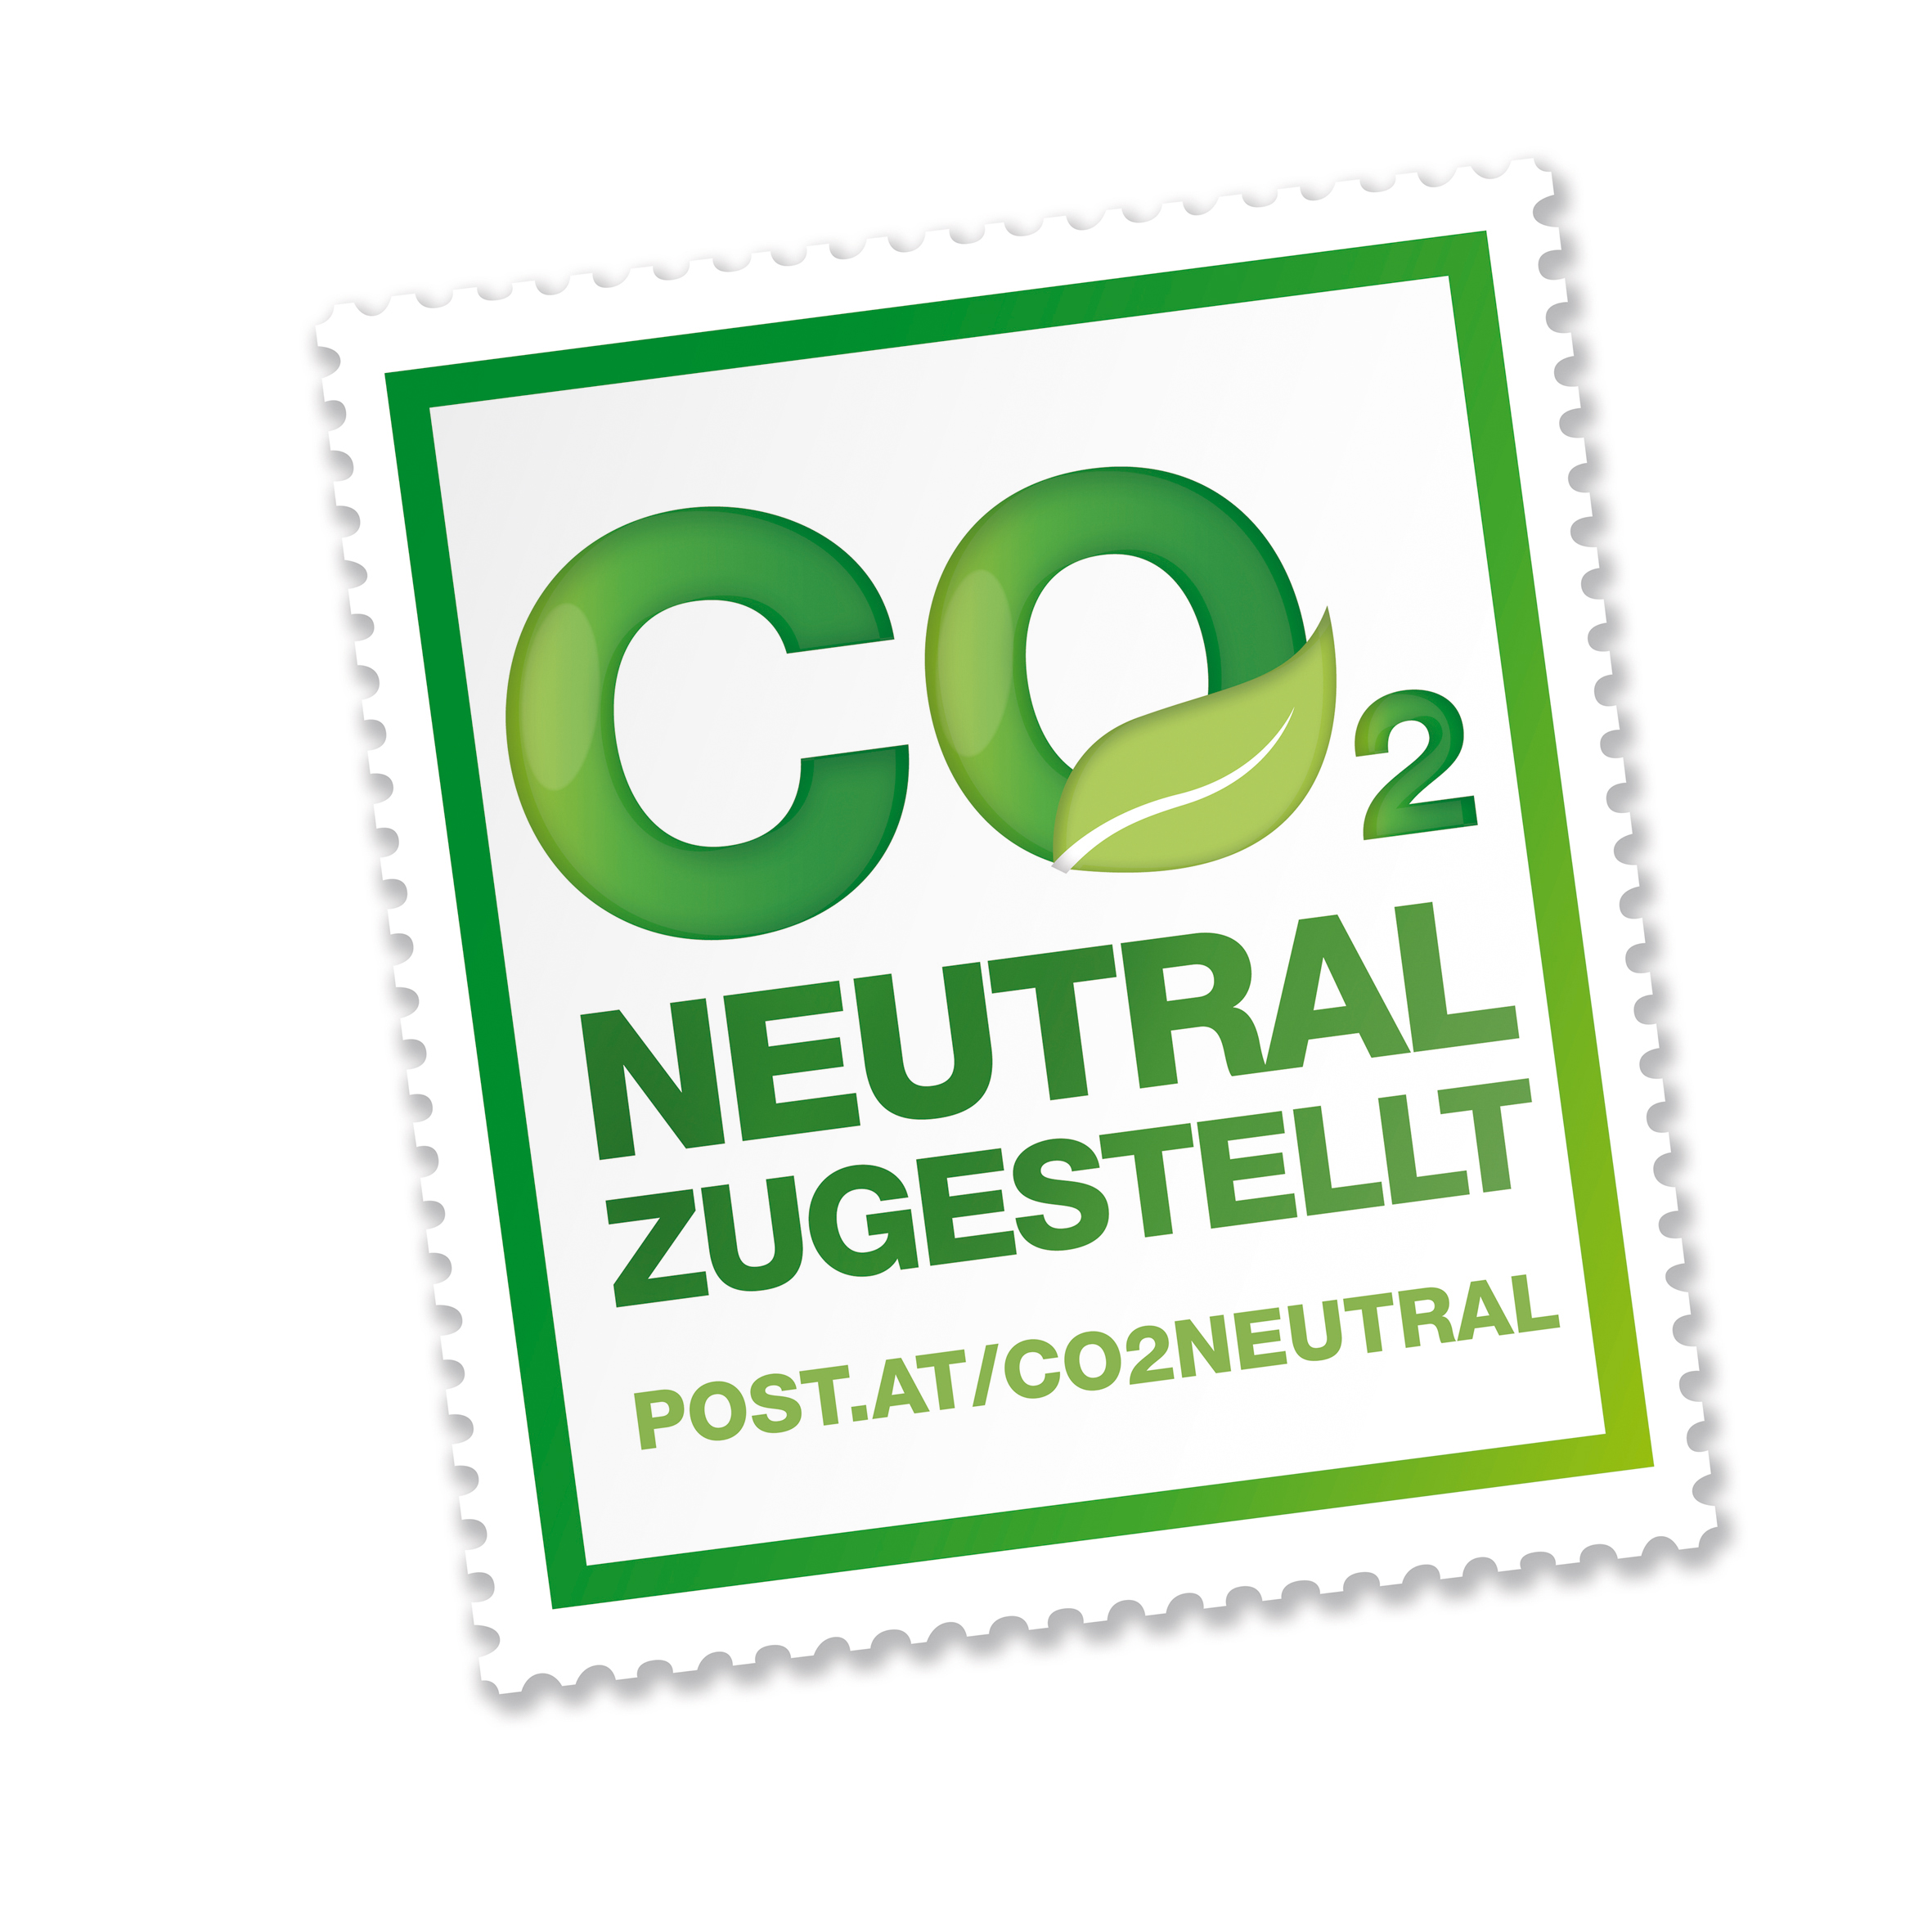 CO2 neutral mit der österreichischen Post